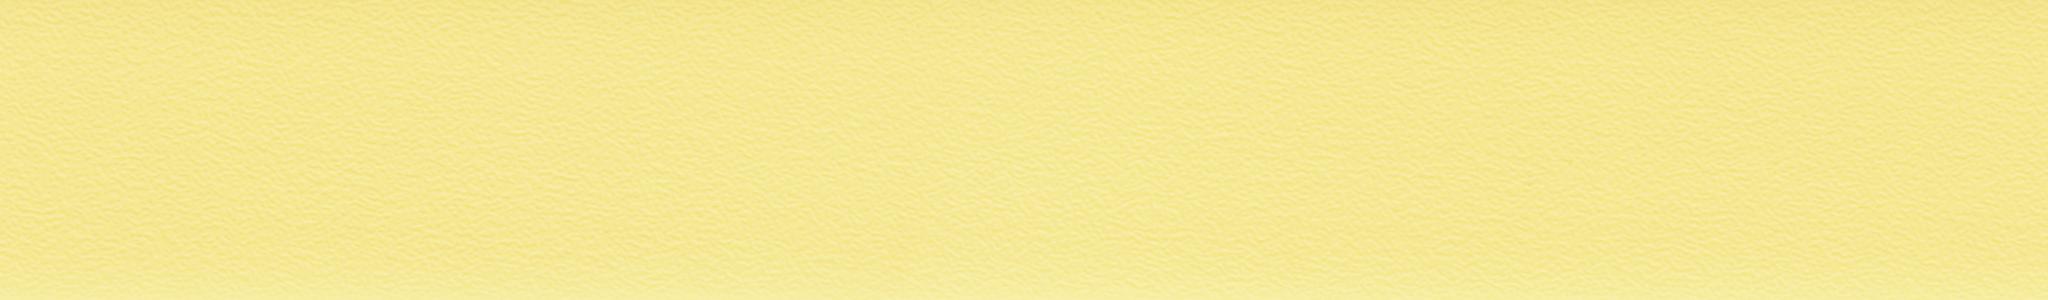 HU 11140 ABS hrana žlutá perla 101